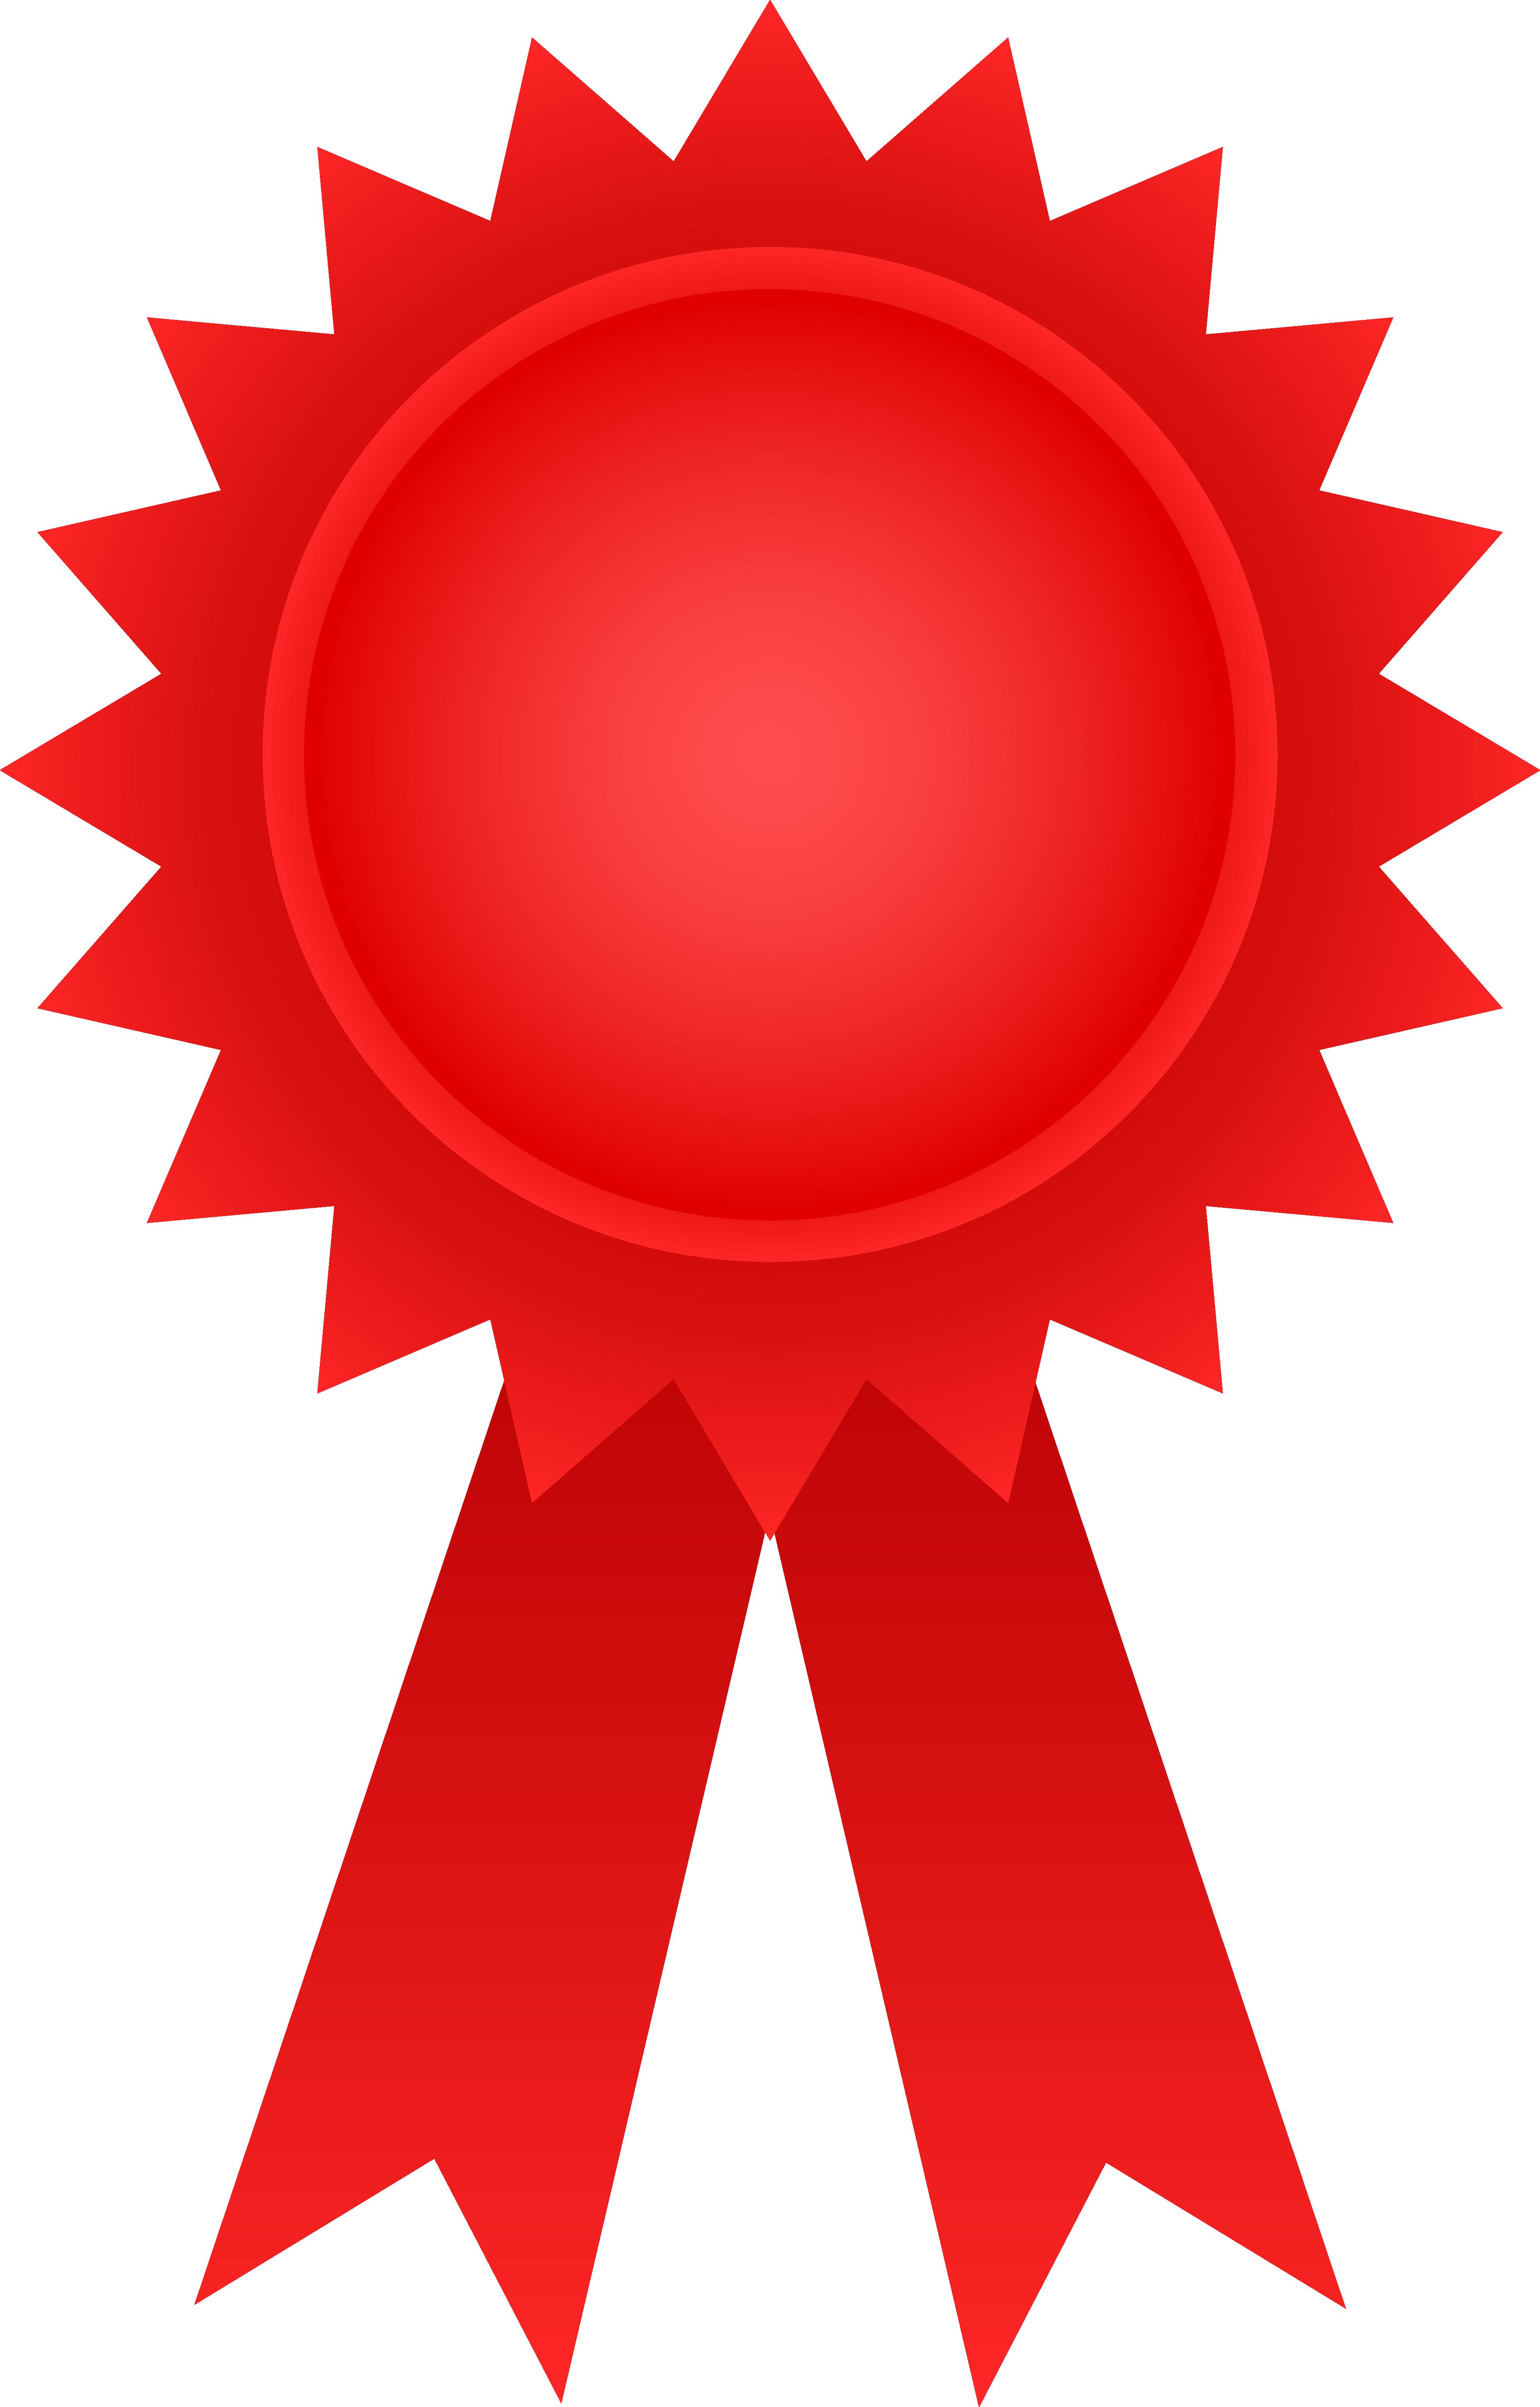 3717x5809 Red Award Ribbon